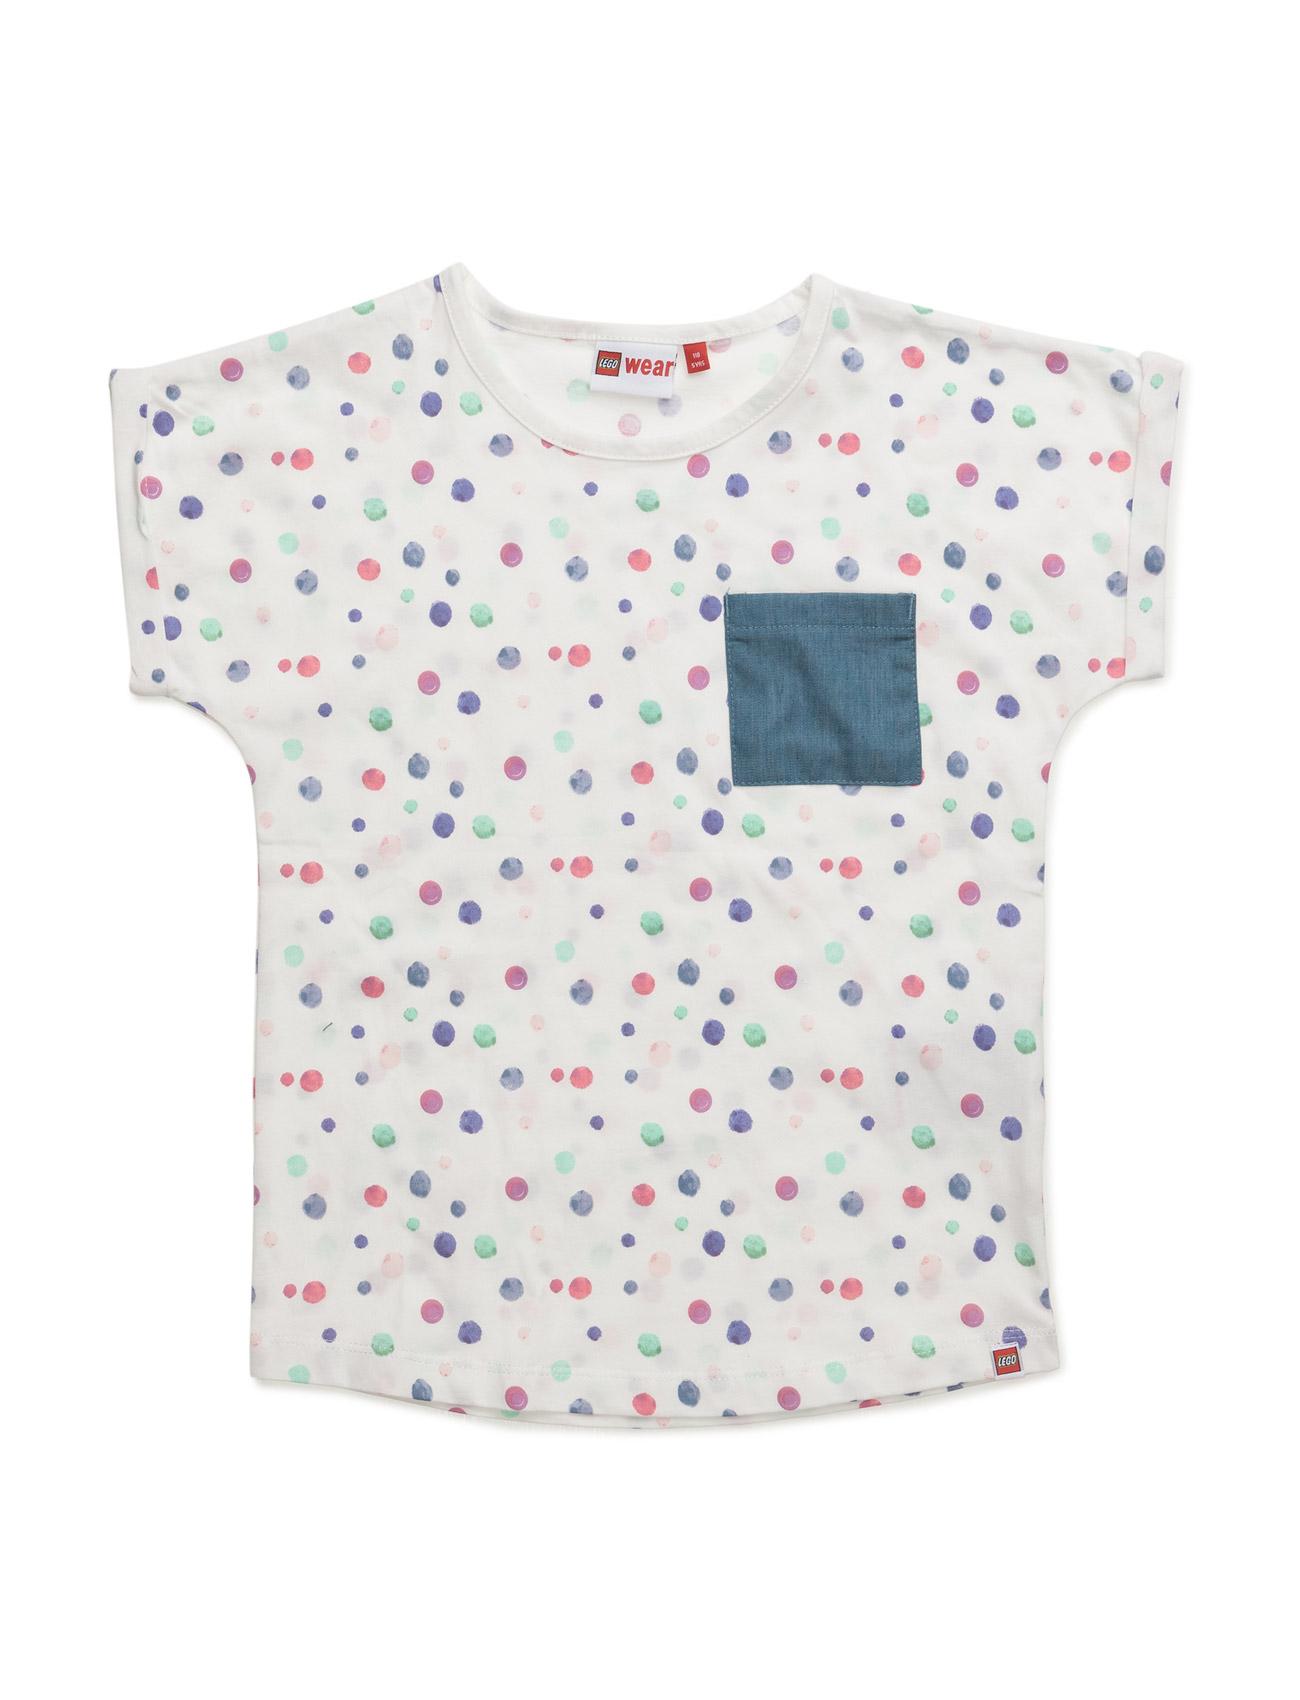 Tamara 301 - T-Shirt S/S Lego wear Kortærmede t-shirts til Børn i Mørkeblå